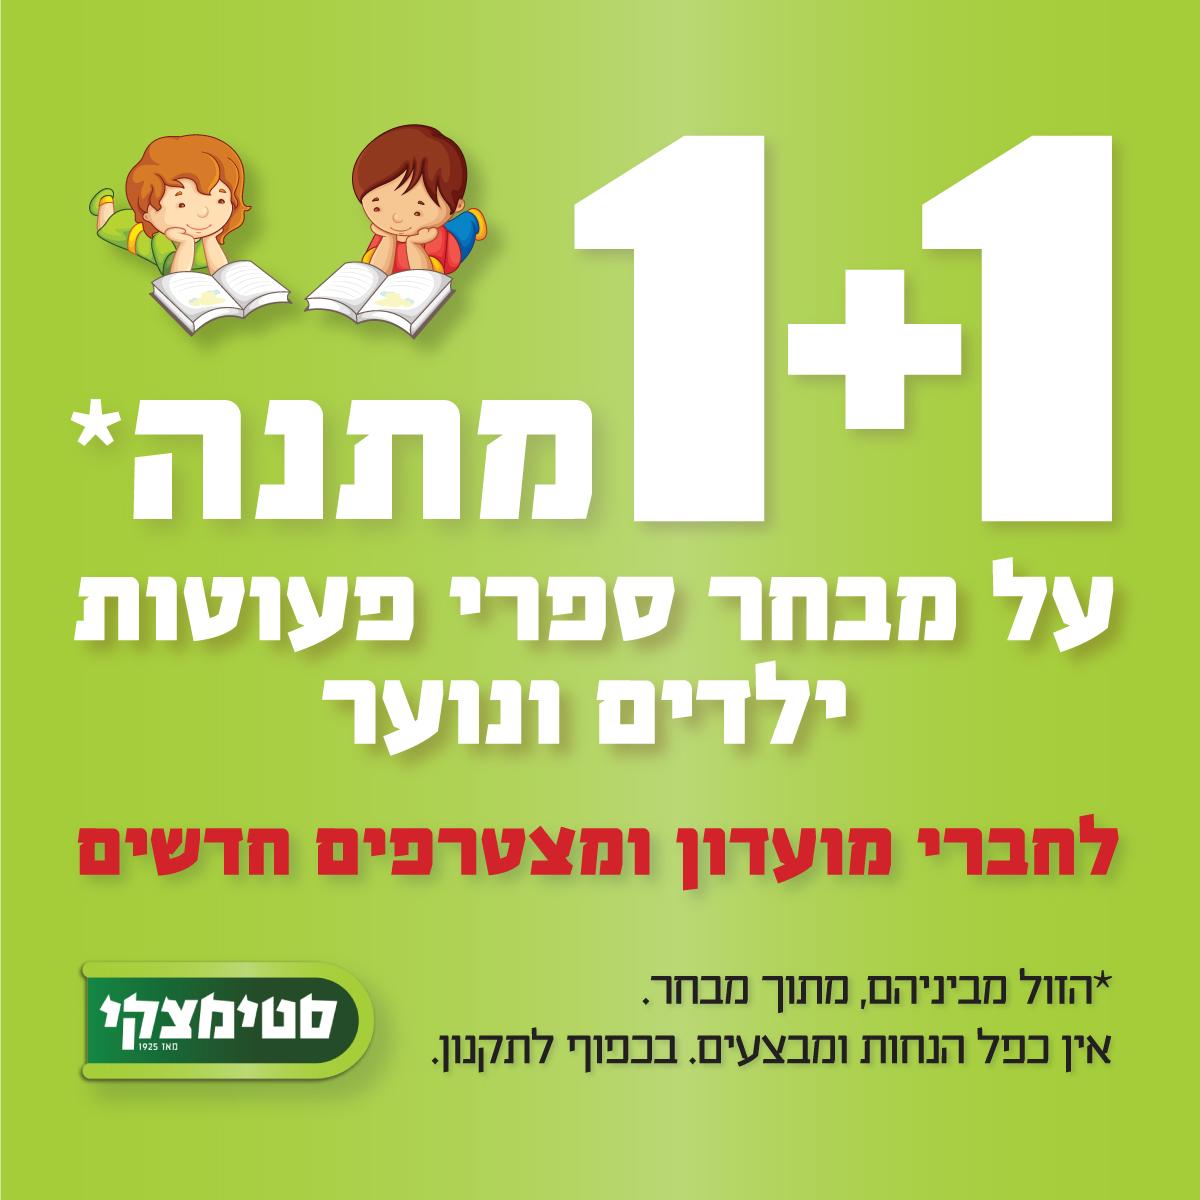 מבצע 1+1 מתנה על מבחר גדול של ספרי פעוטות, ילדים, ראשית קריאה ונוער! *לחברי מועדון ומצטרפים חדשים* עד לתאריך 19.07.21